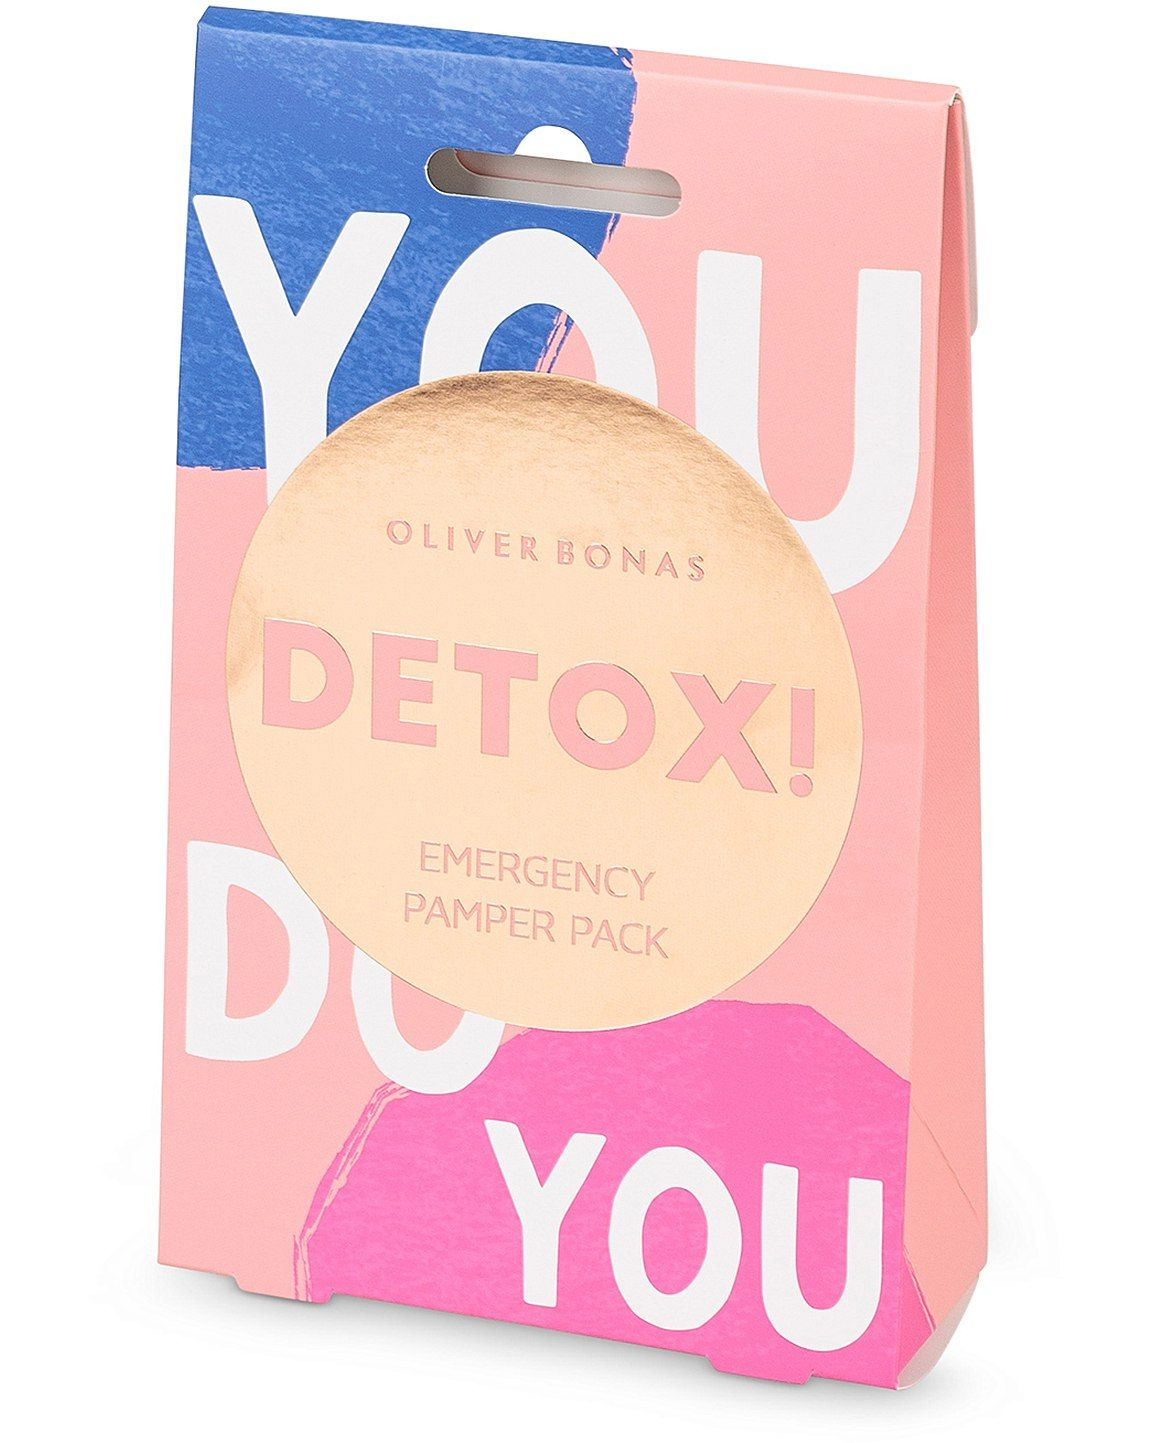 You Do You Detox Pamper Pack Aloe vera face mask, Detox